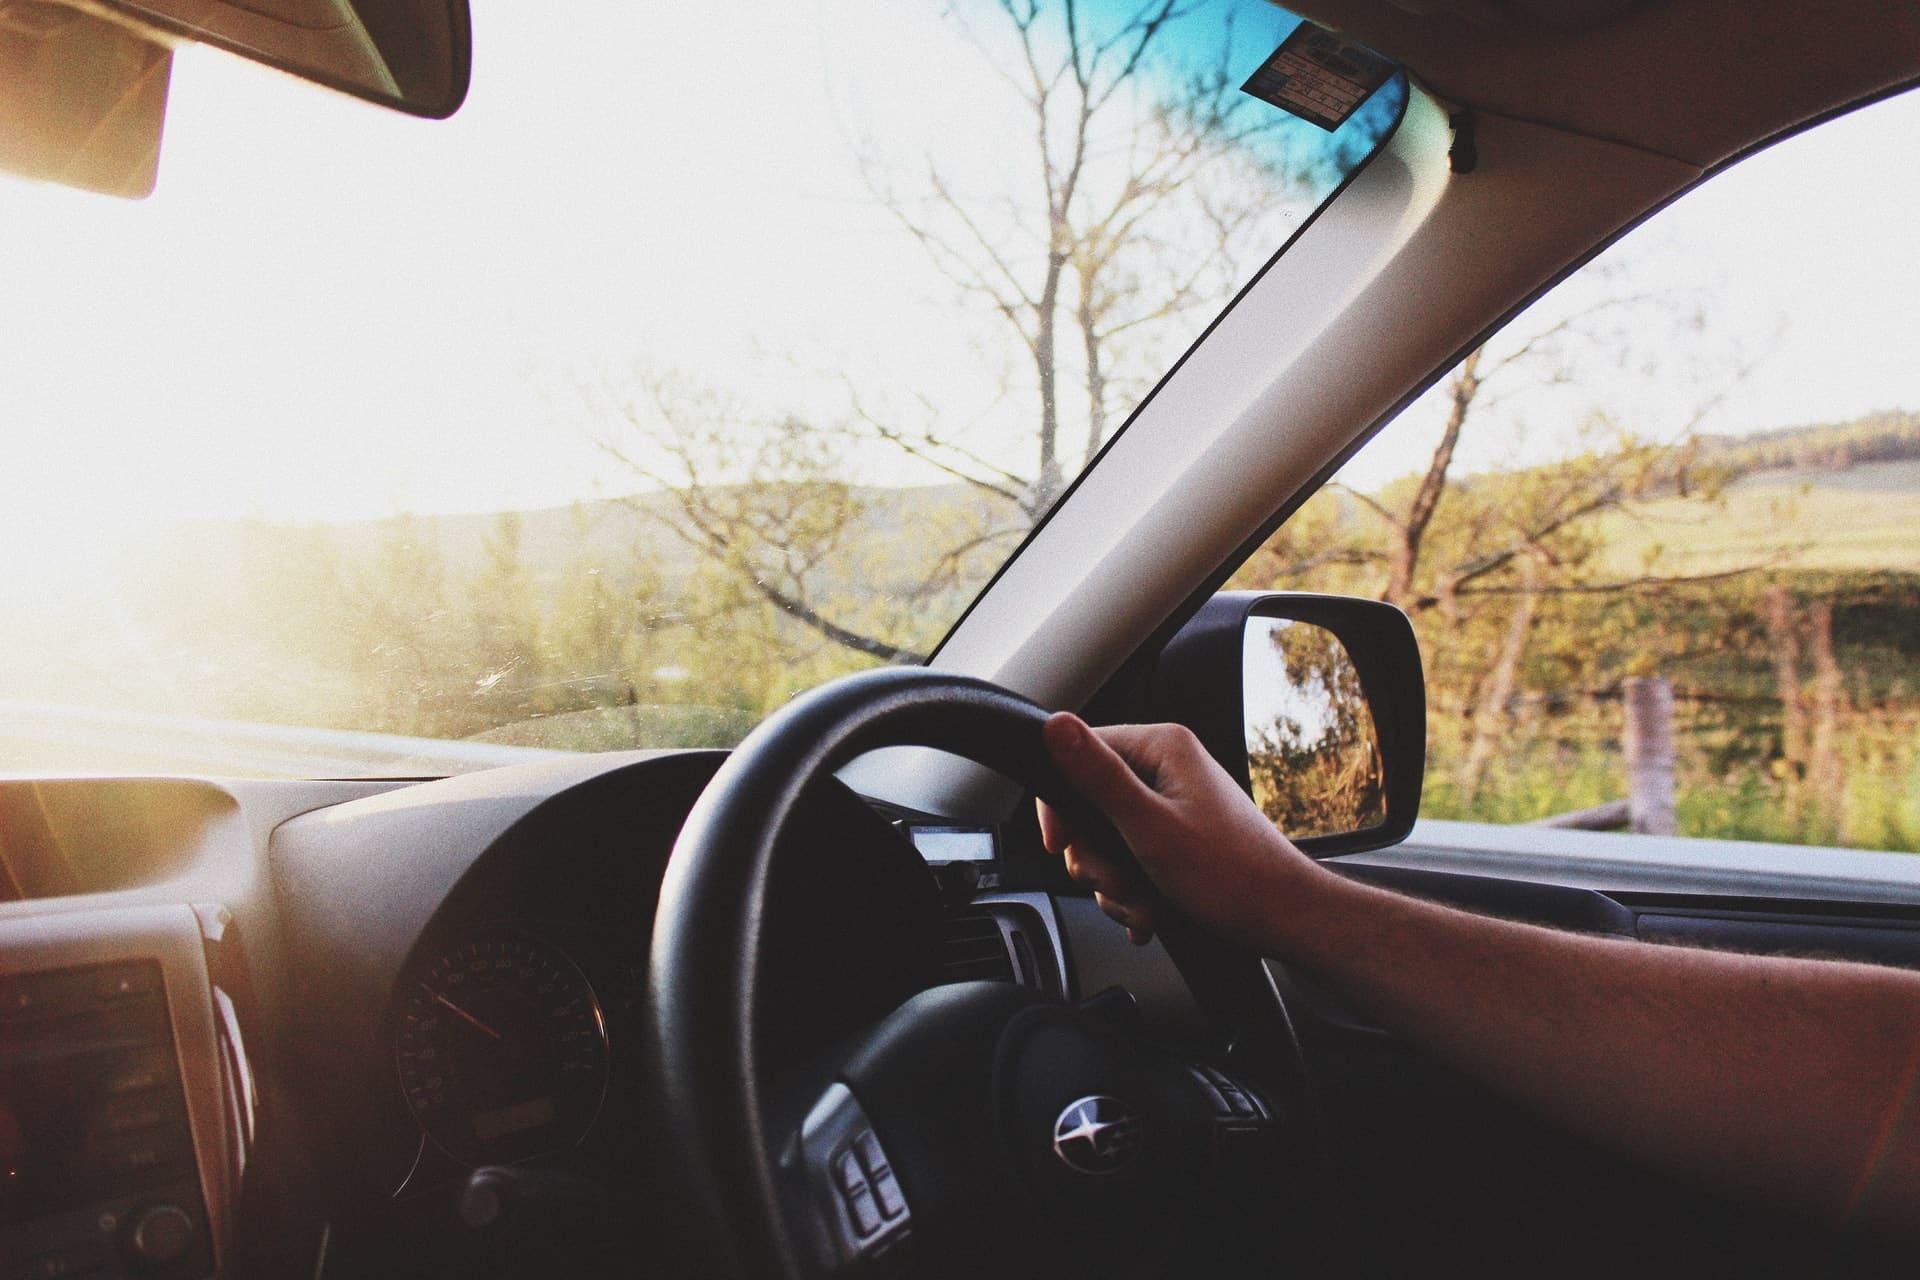 Roadside Assistance Programs Header Image